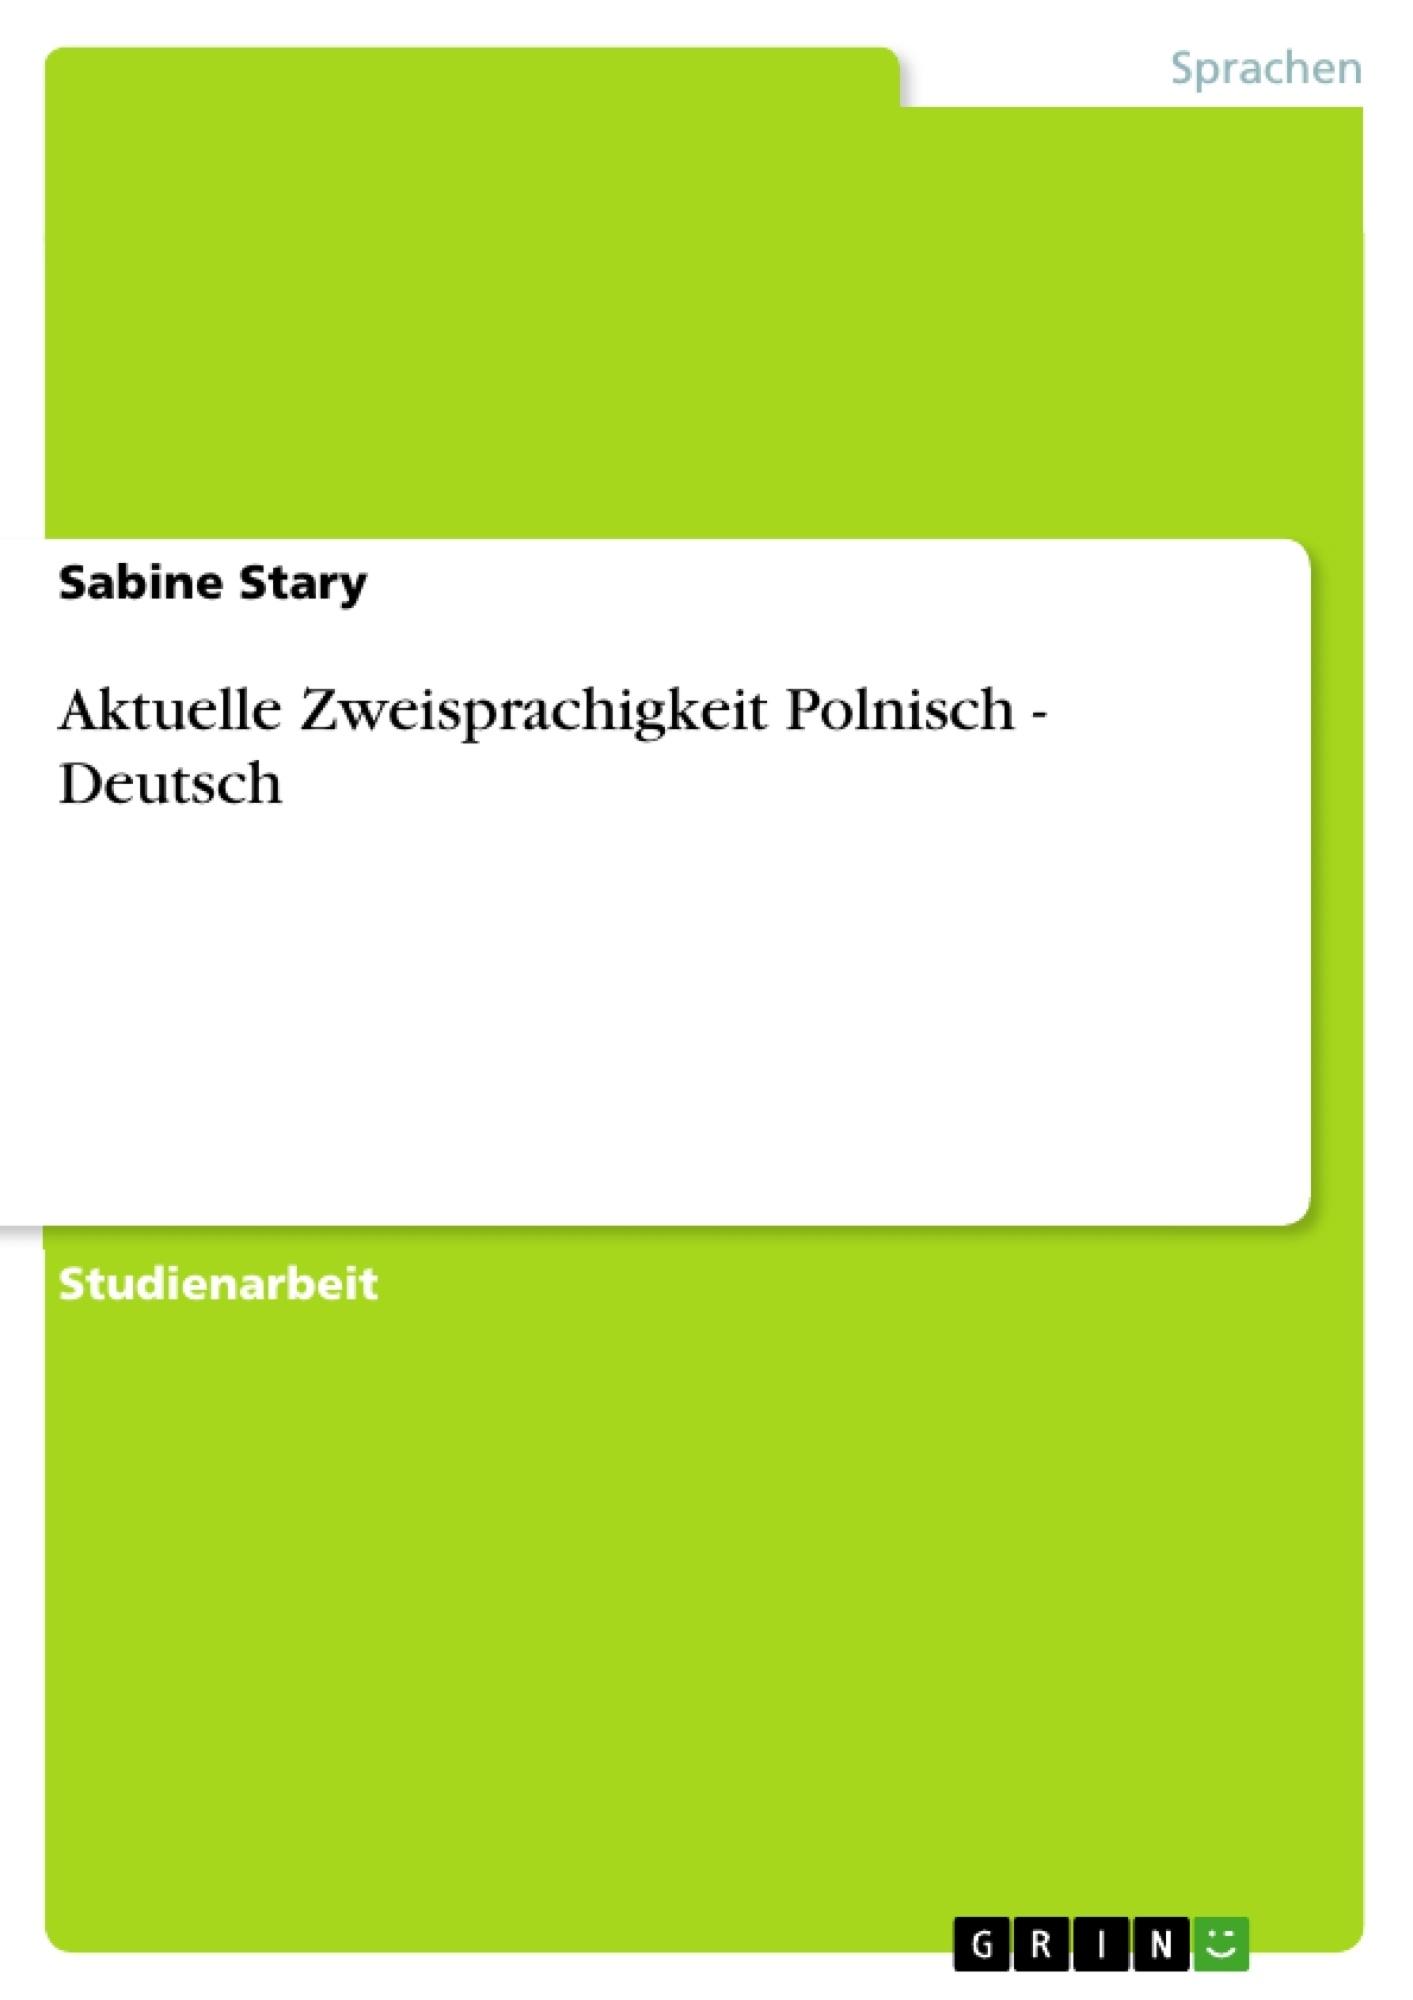 Titel: Aktuelle Zweisprachigkeit Polnisch - Deutsch